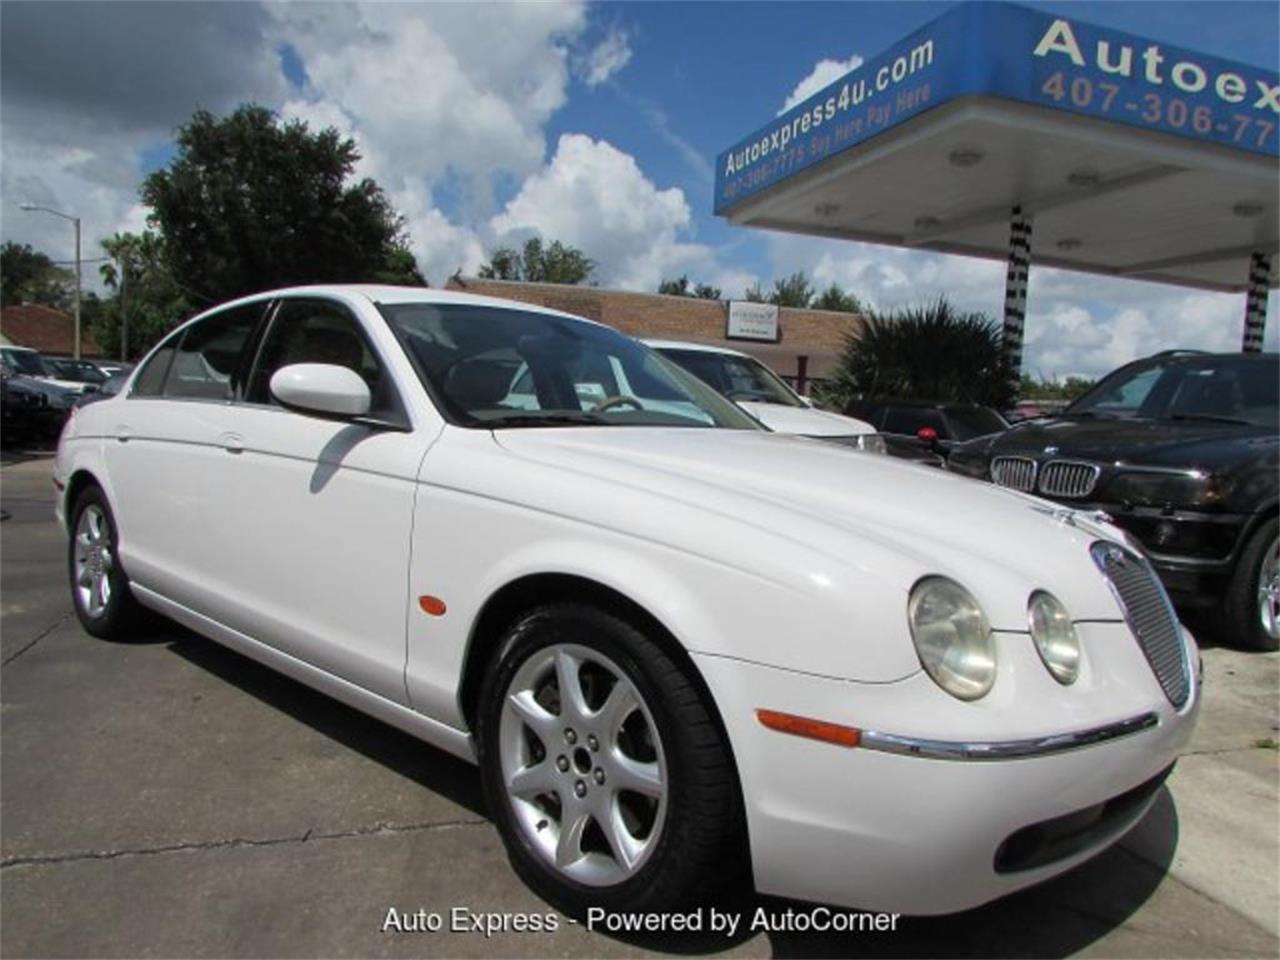 2006 Jaguar S-Type for Sale | ClassicCars.com | CC-1216076